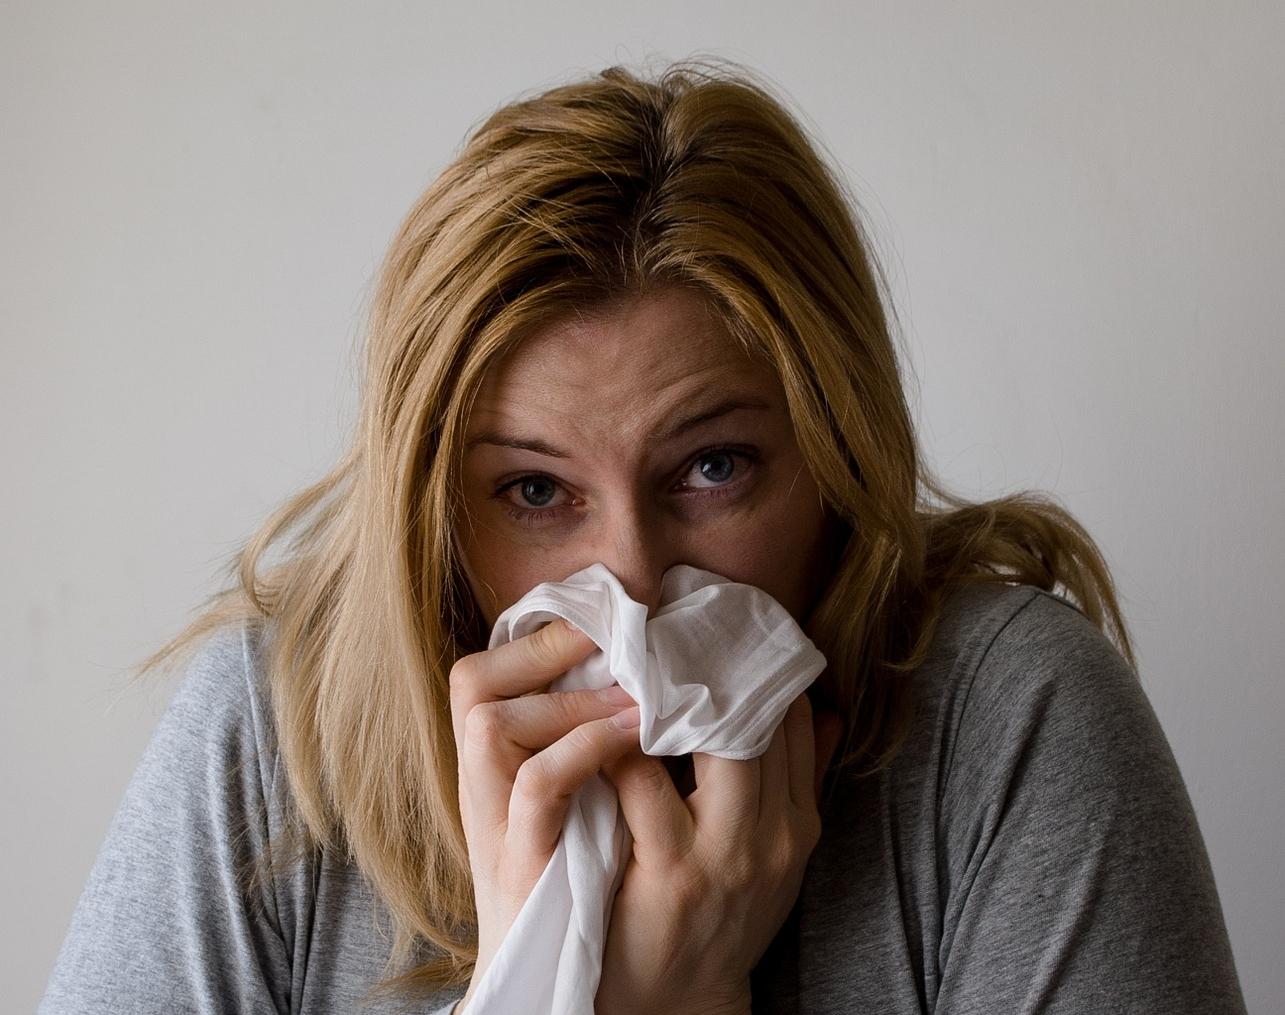 Как правильно питаться во время простуды: ответ ученых — фото 1